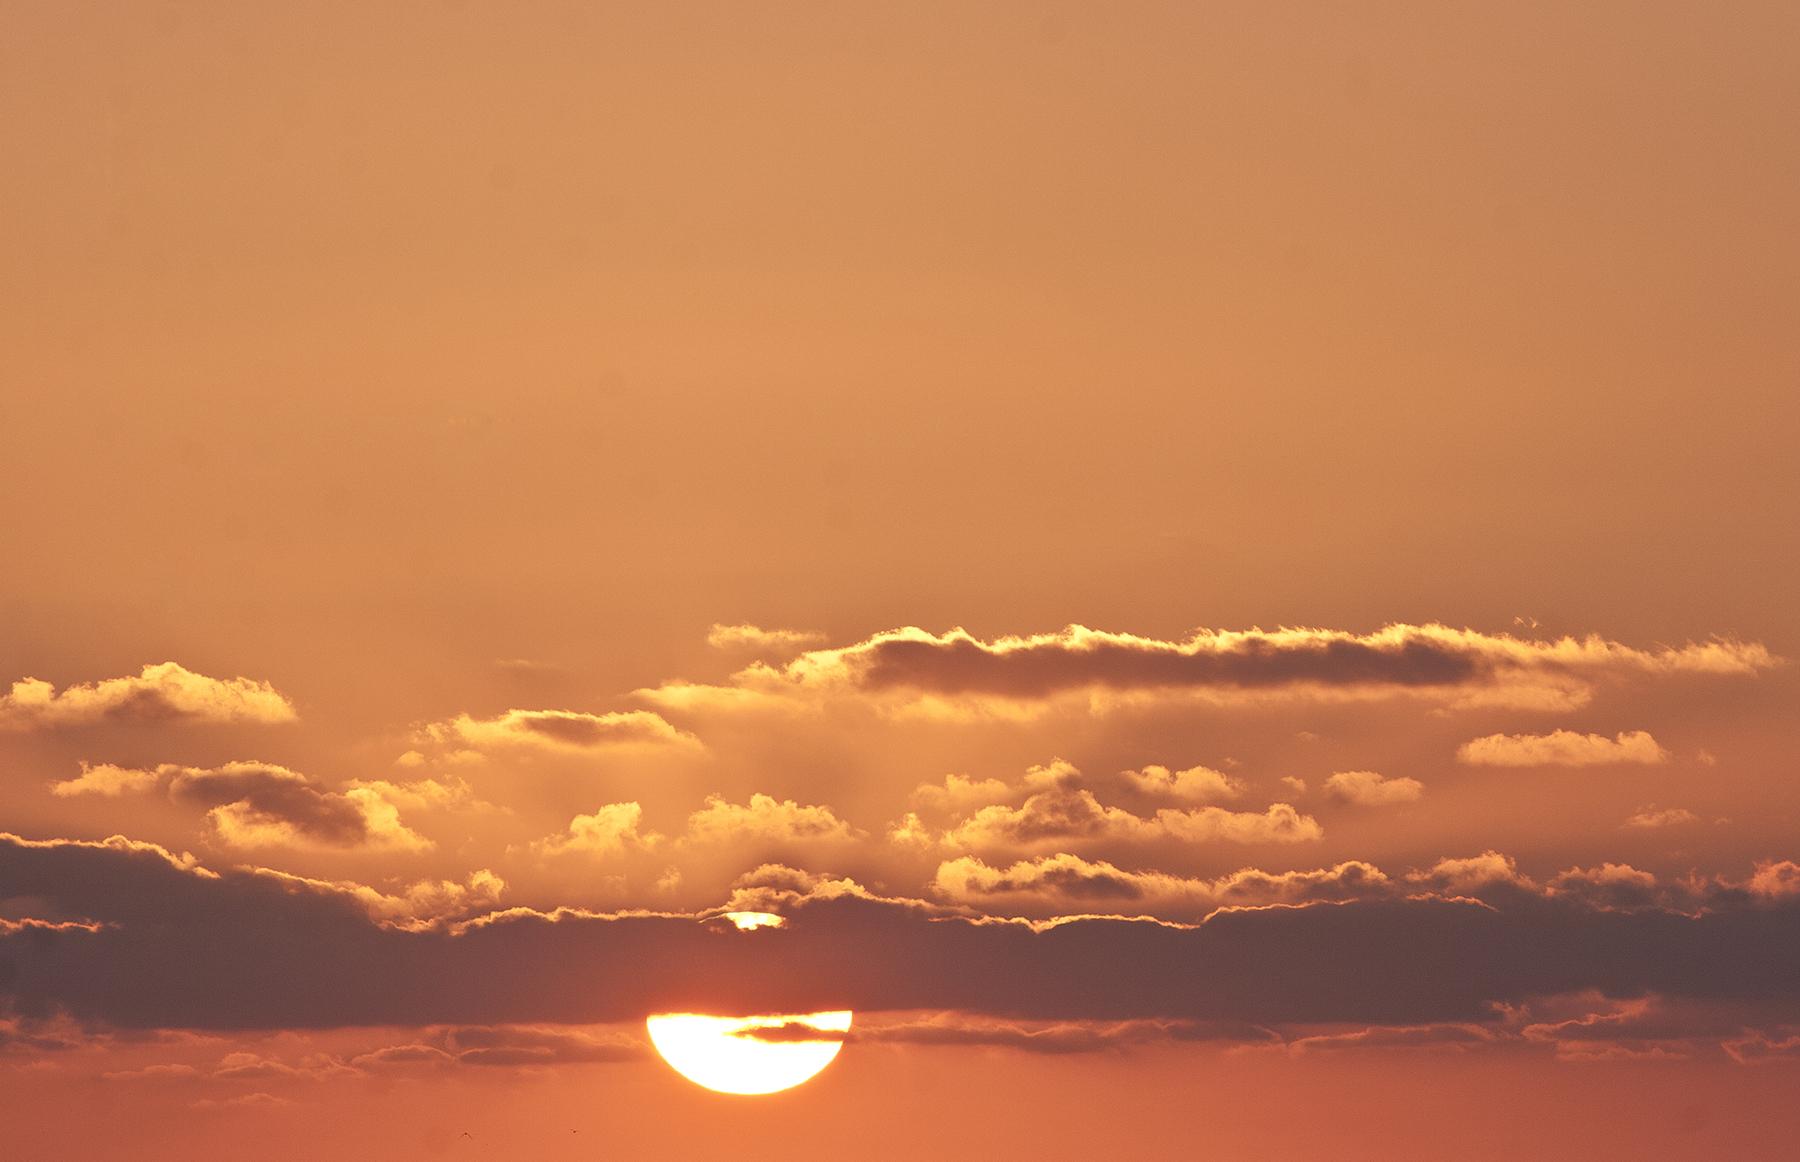 Nightly splendor in the sky